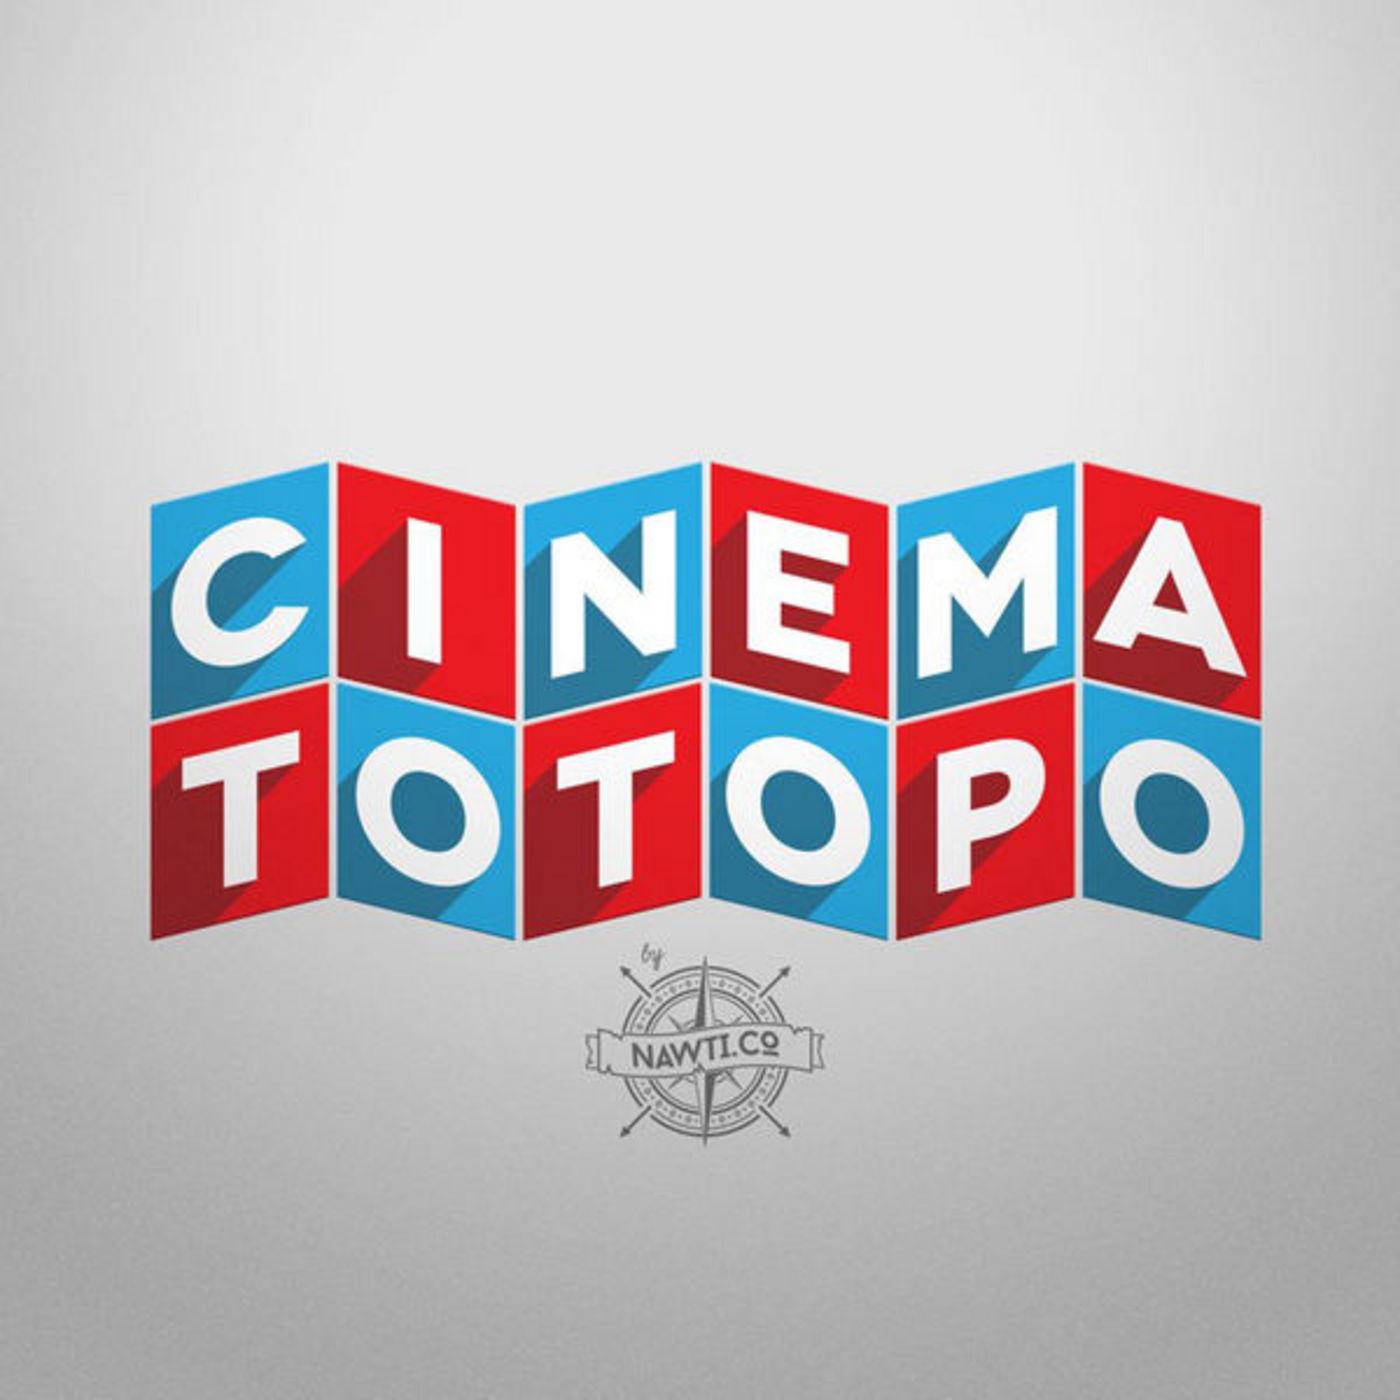 <![CDATA[Cinema Totopo]]>